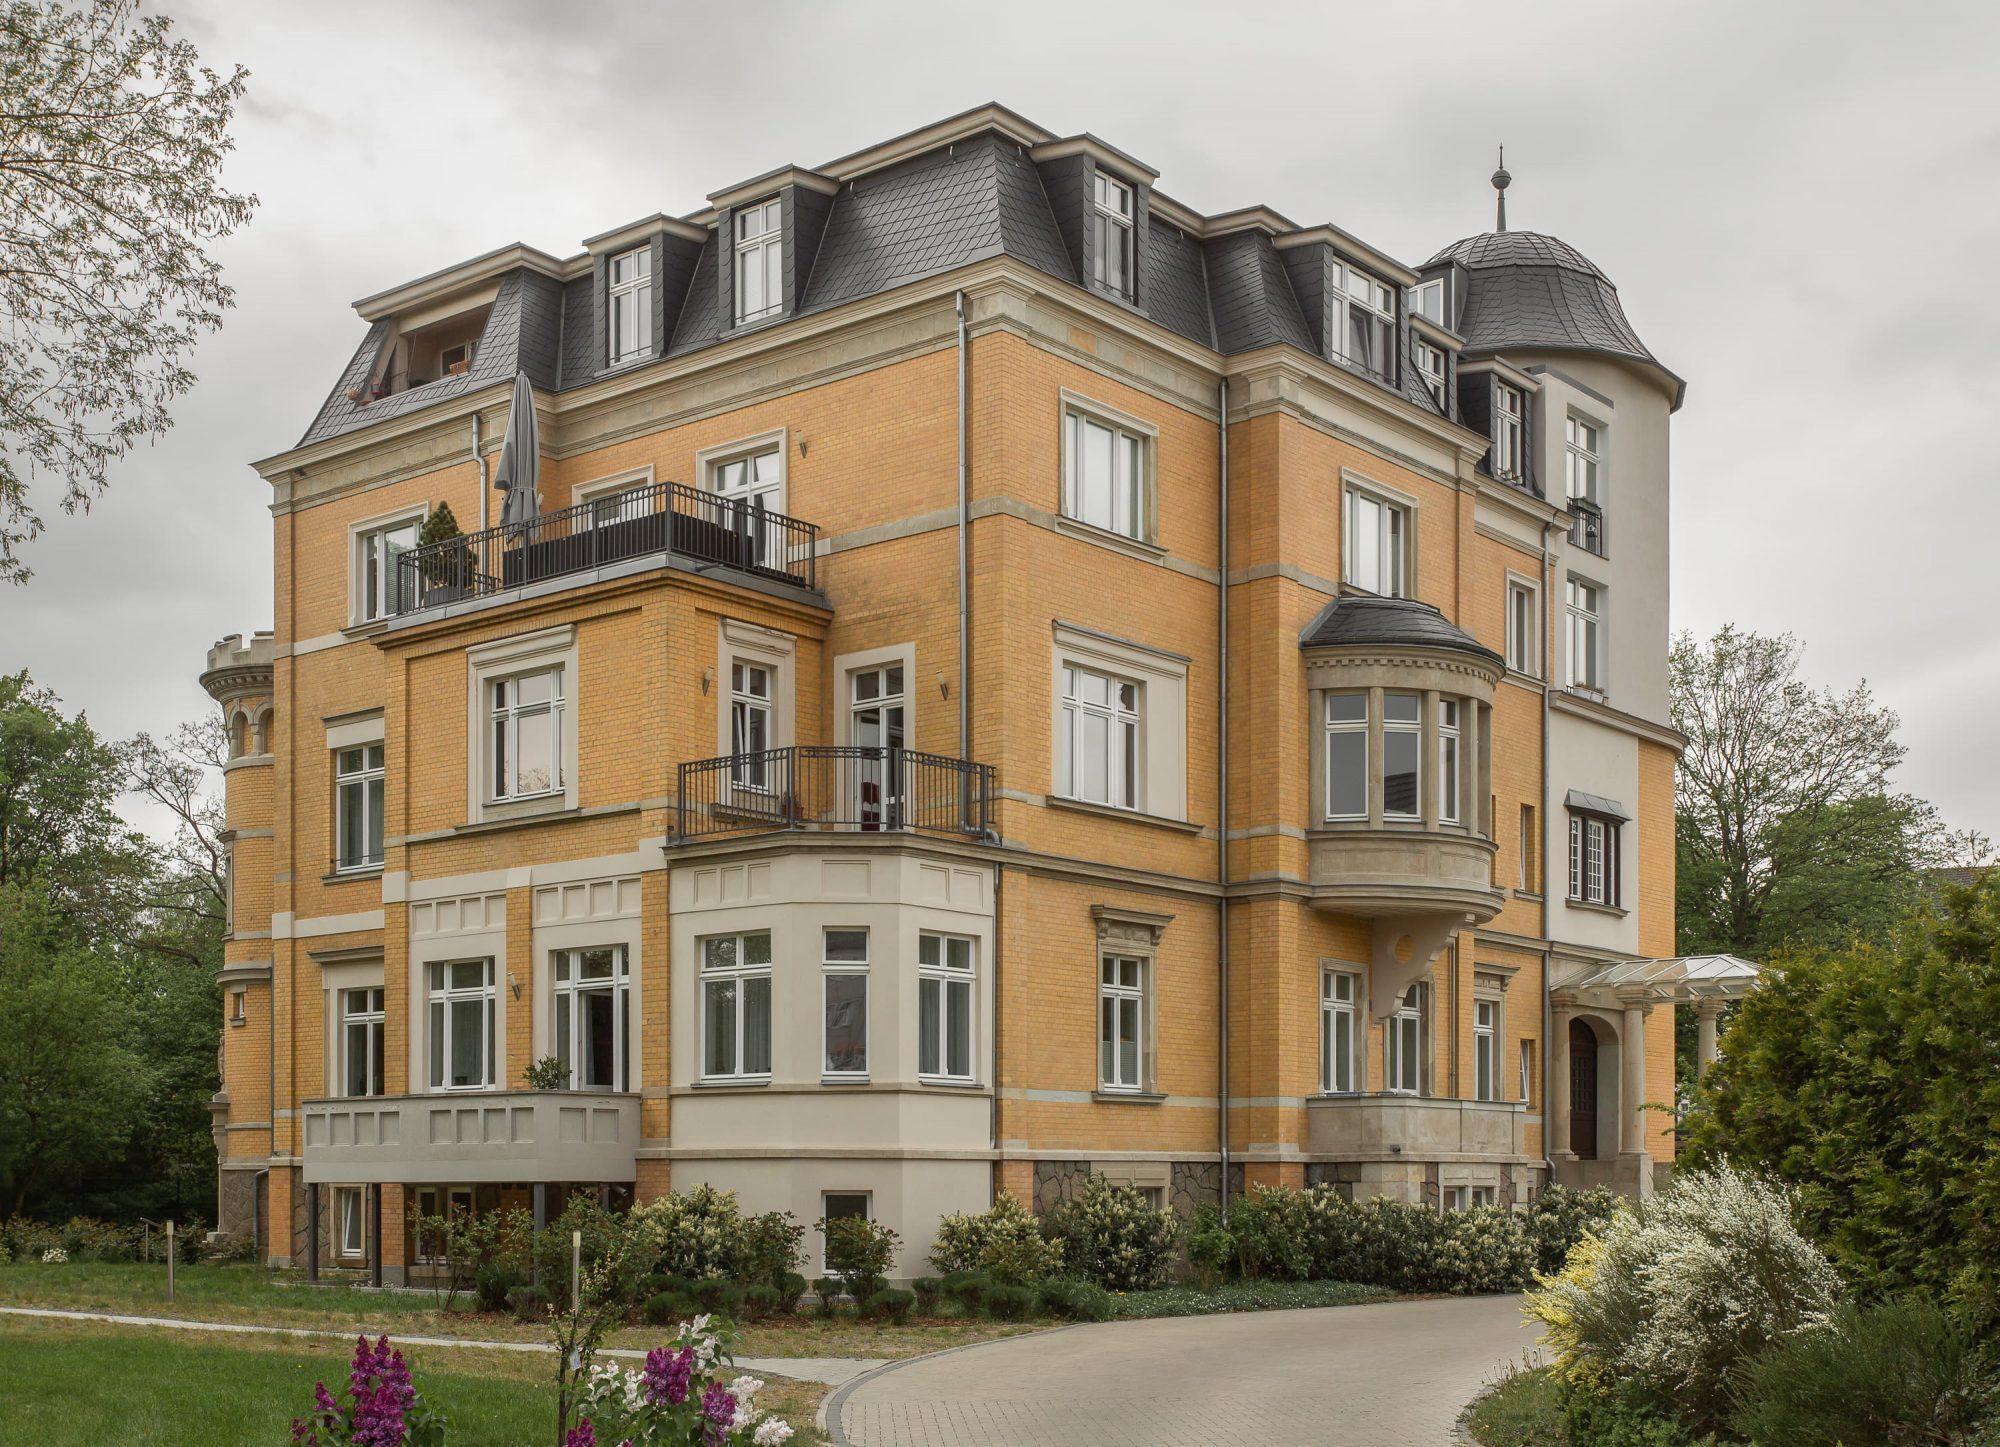 Regentaucher Architekturfotografie | Architekturbüro Voigt Zweinaundofer Straße Leipzig